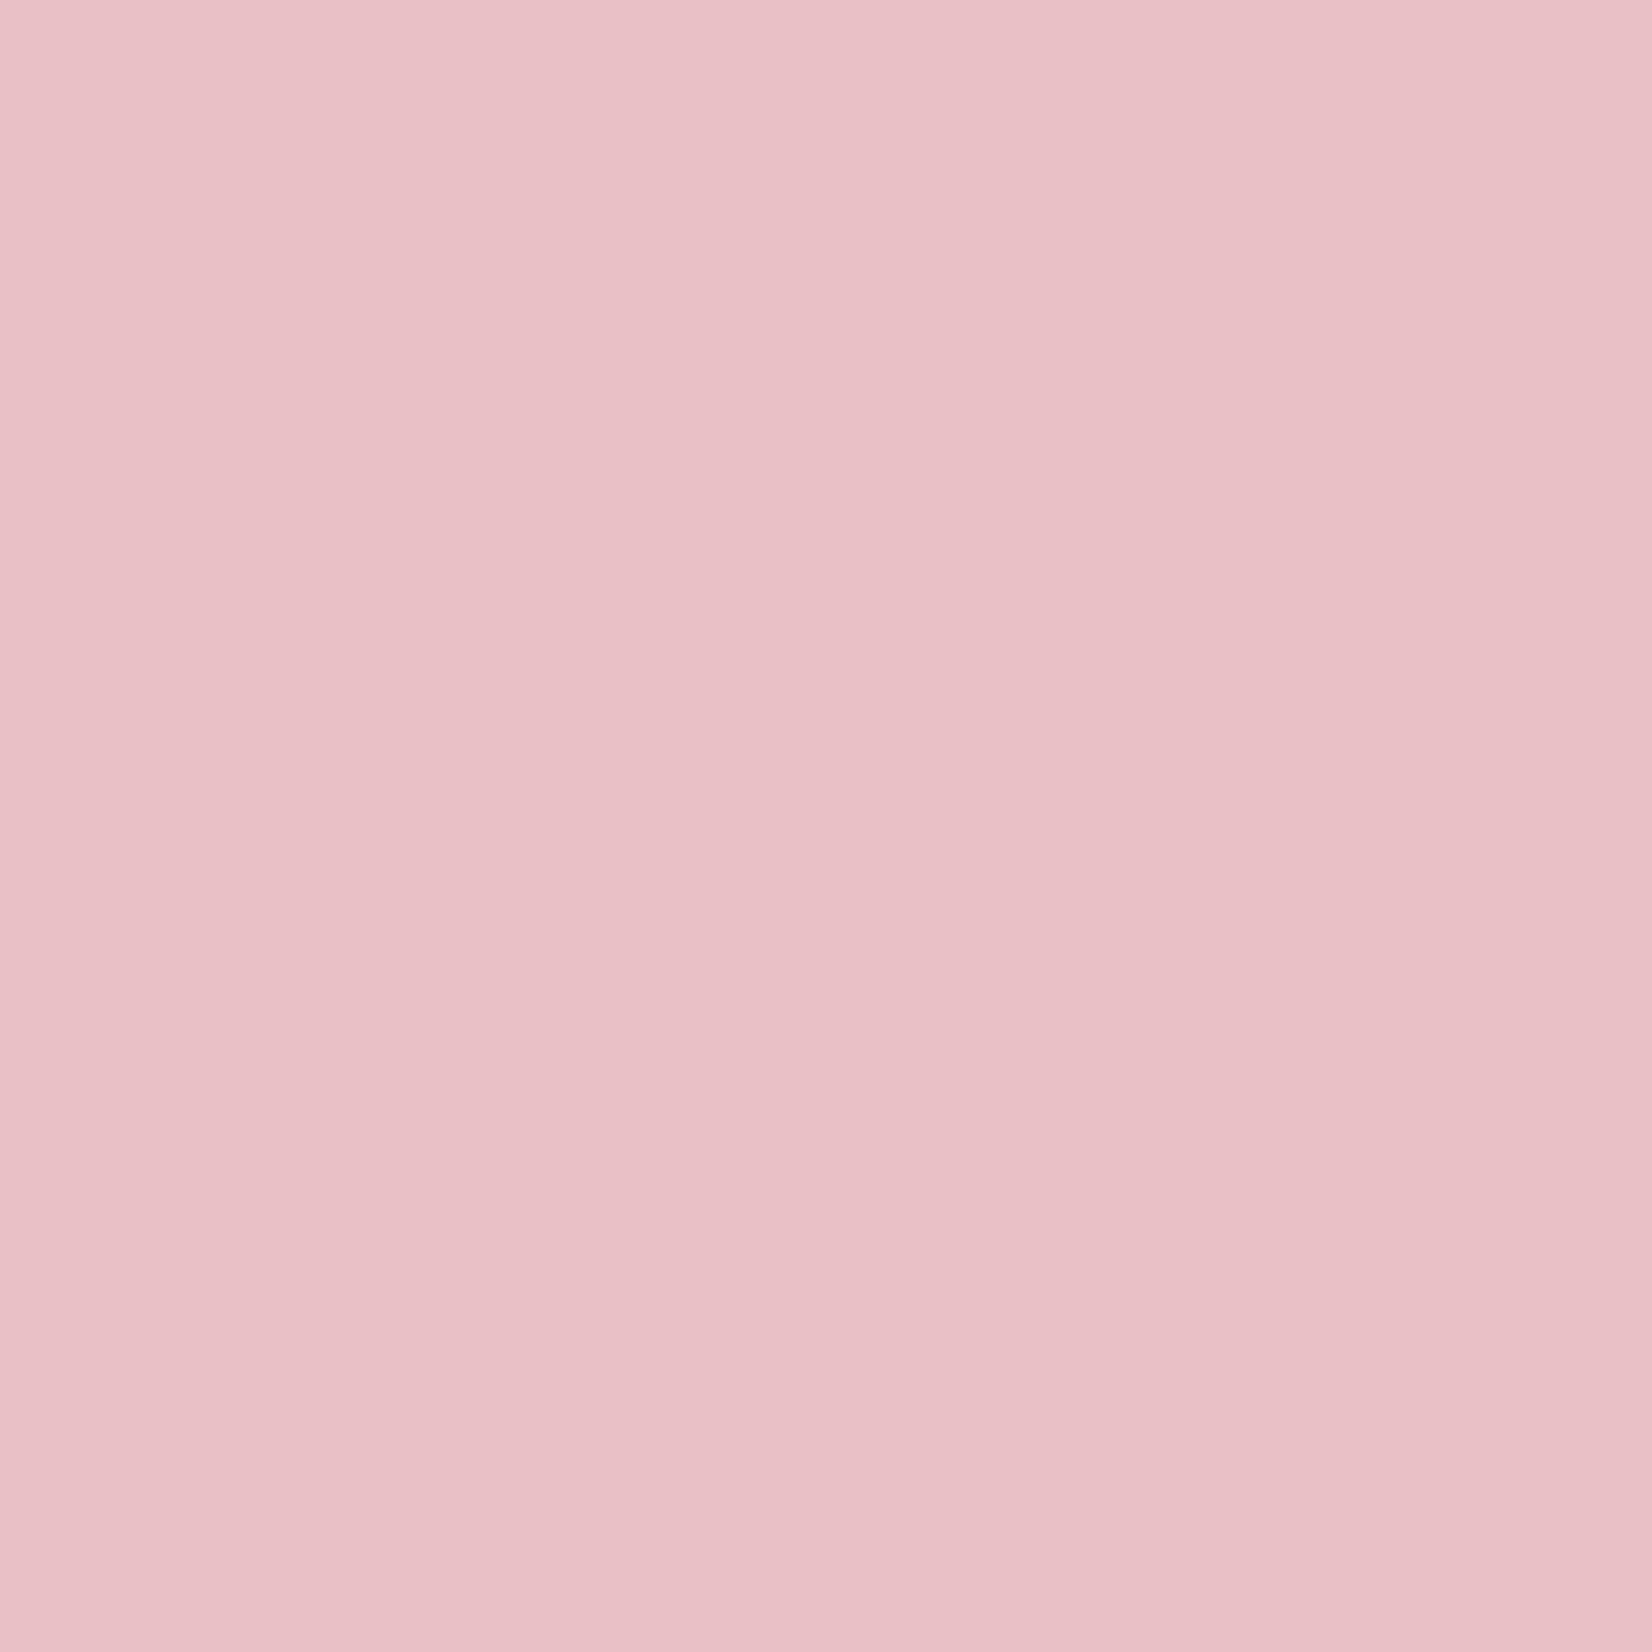 HTV Pack Pink Valentine